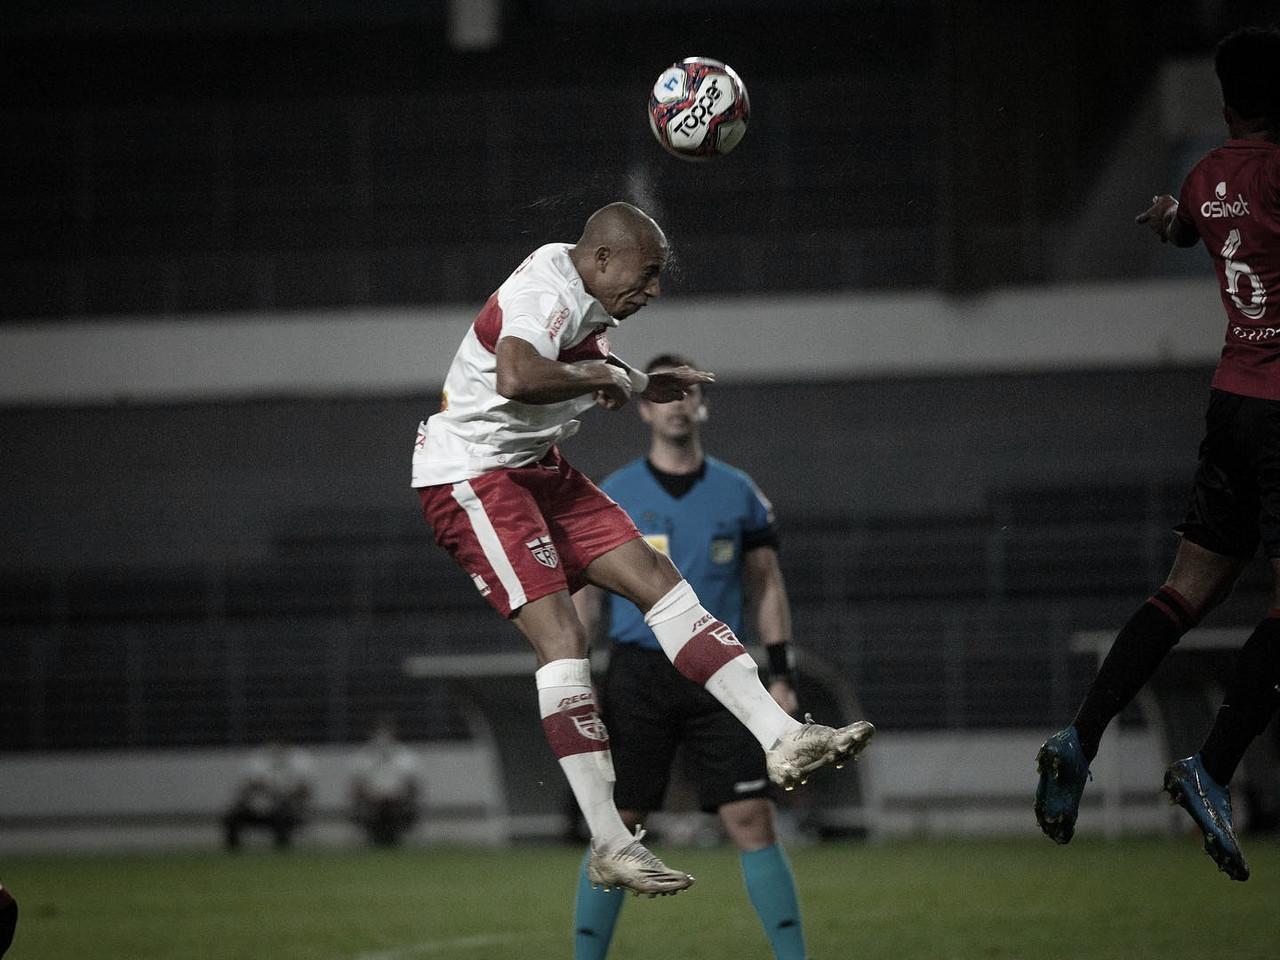 Reginaldo Lopes destaca titularidade, exalta vitória do CRB no clássico e espera manter intensidade